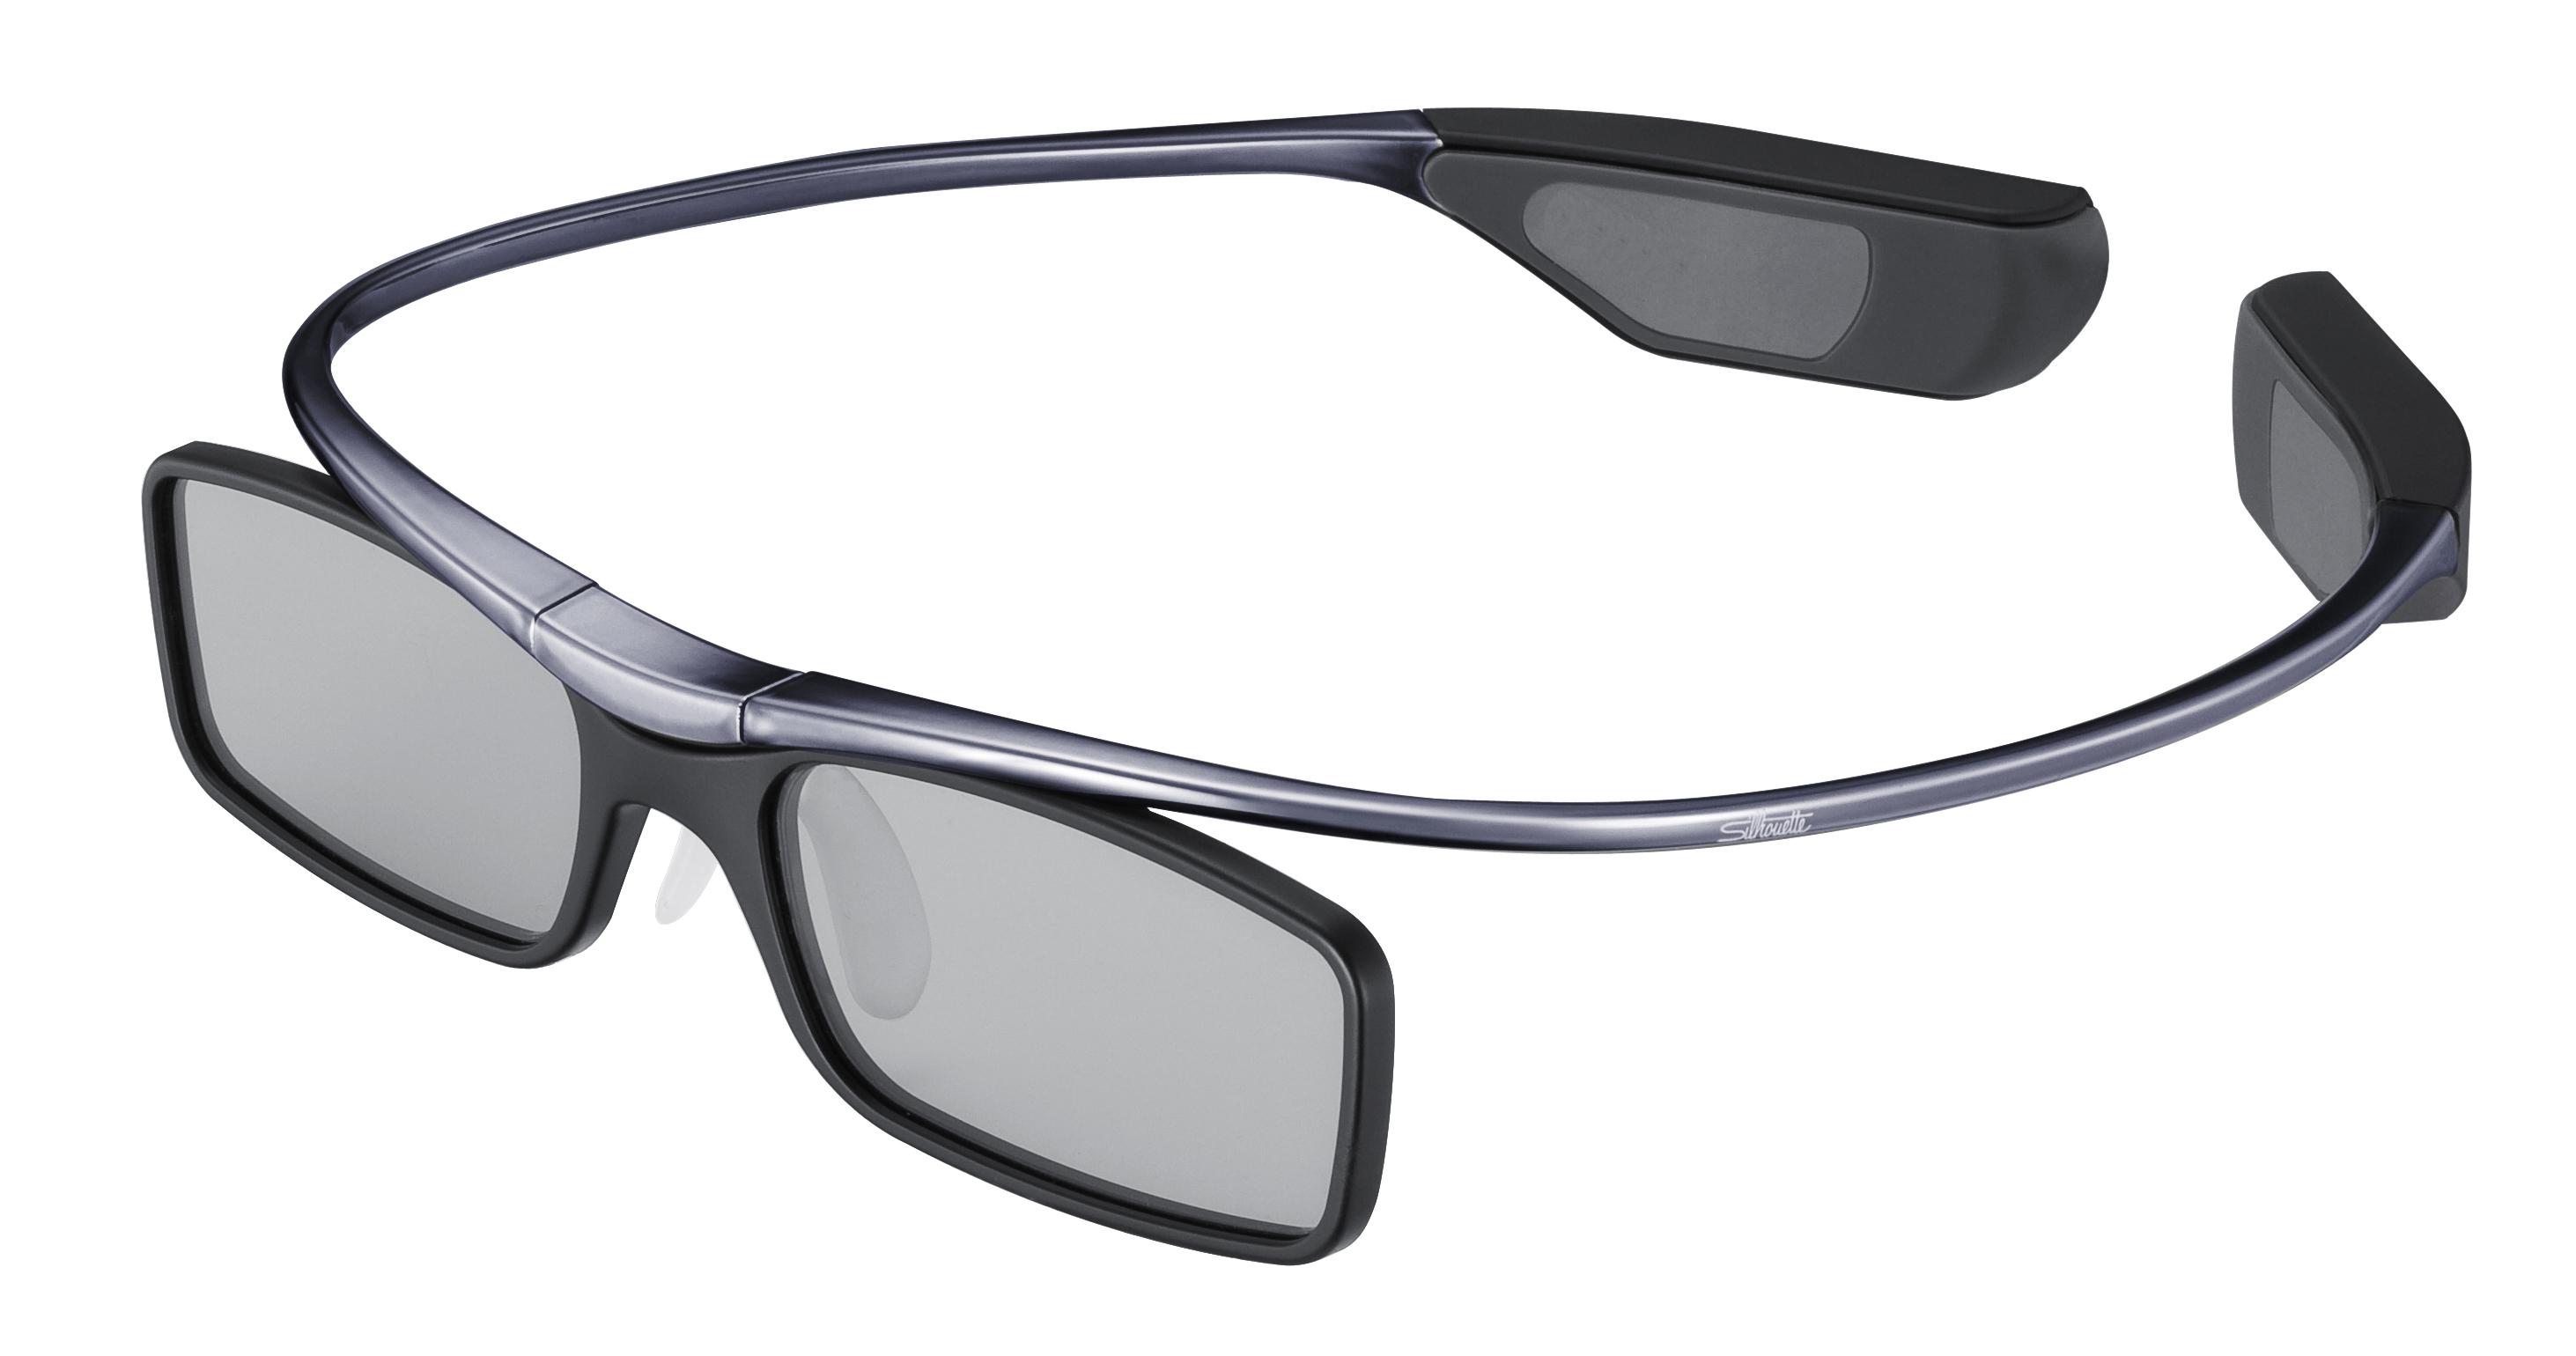 Będzie jeden standard okularów 3D full HD